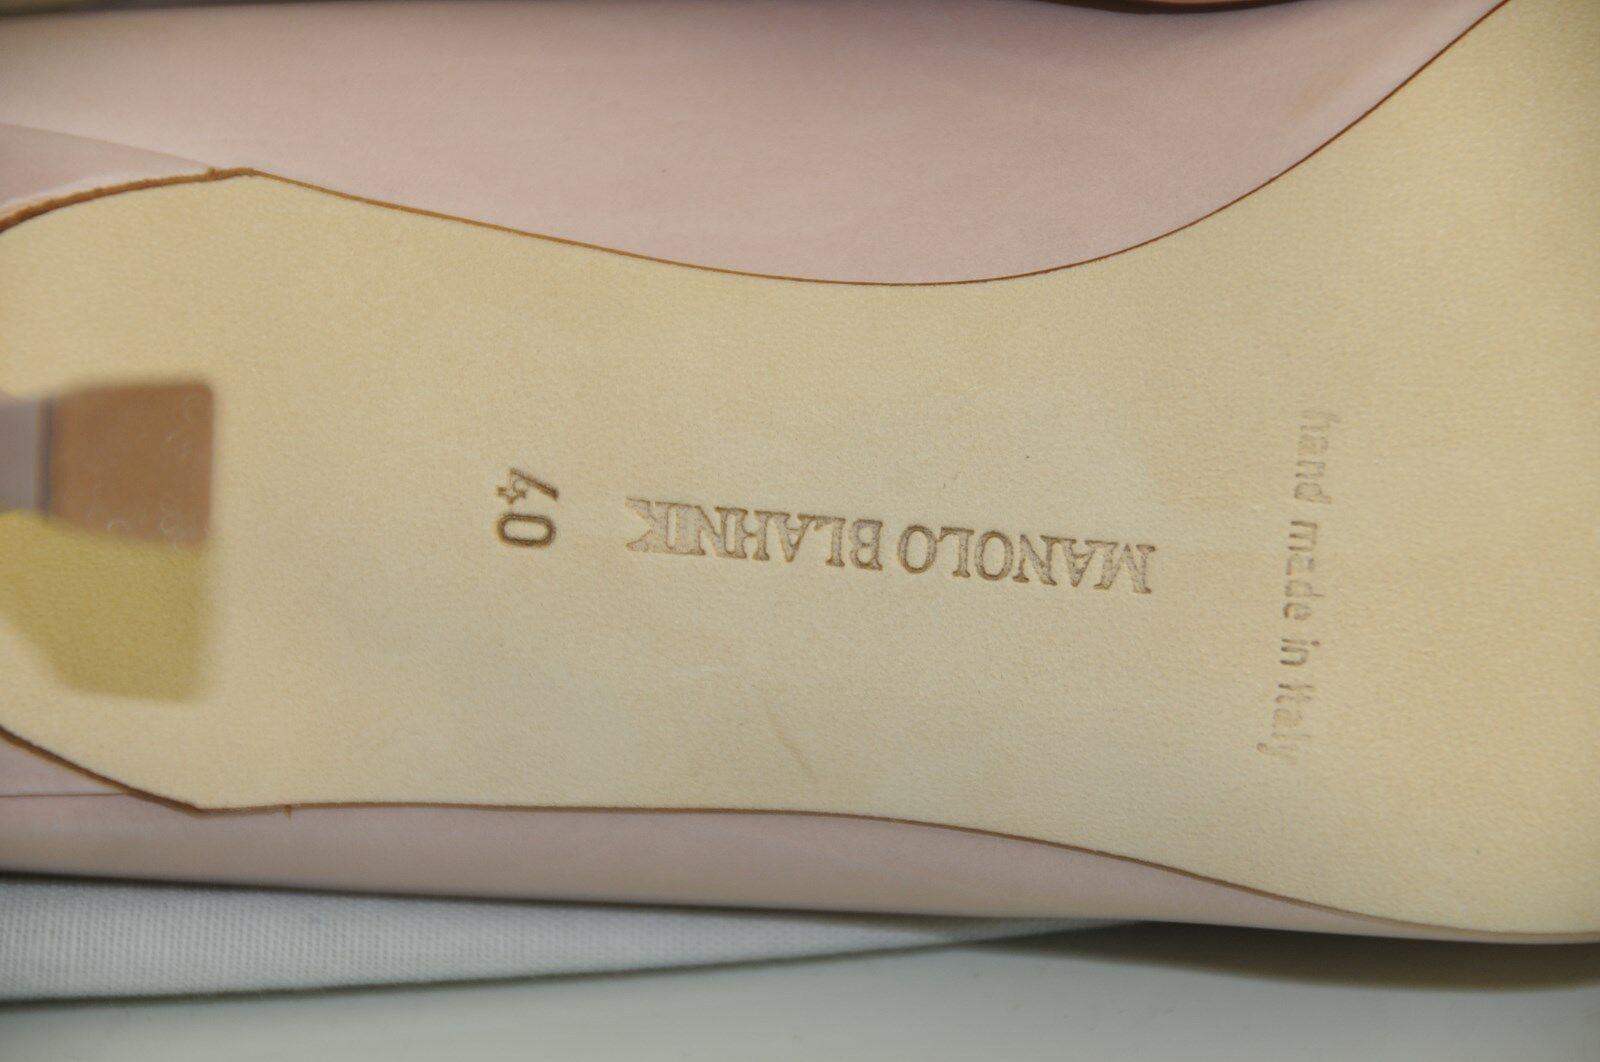 Neu Manolo Blahnik Bb 70 Fleisch Fleisch Fleisch Hautfarben PastellRosa Schuhe Absätze Pumps 40 52e22d